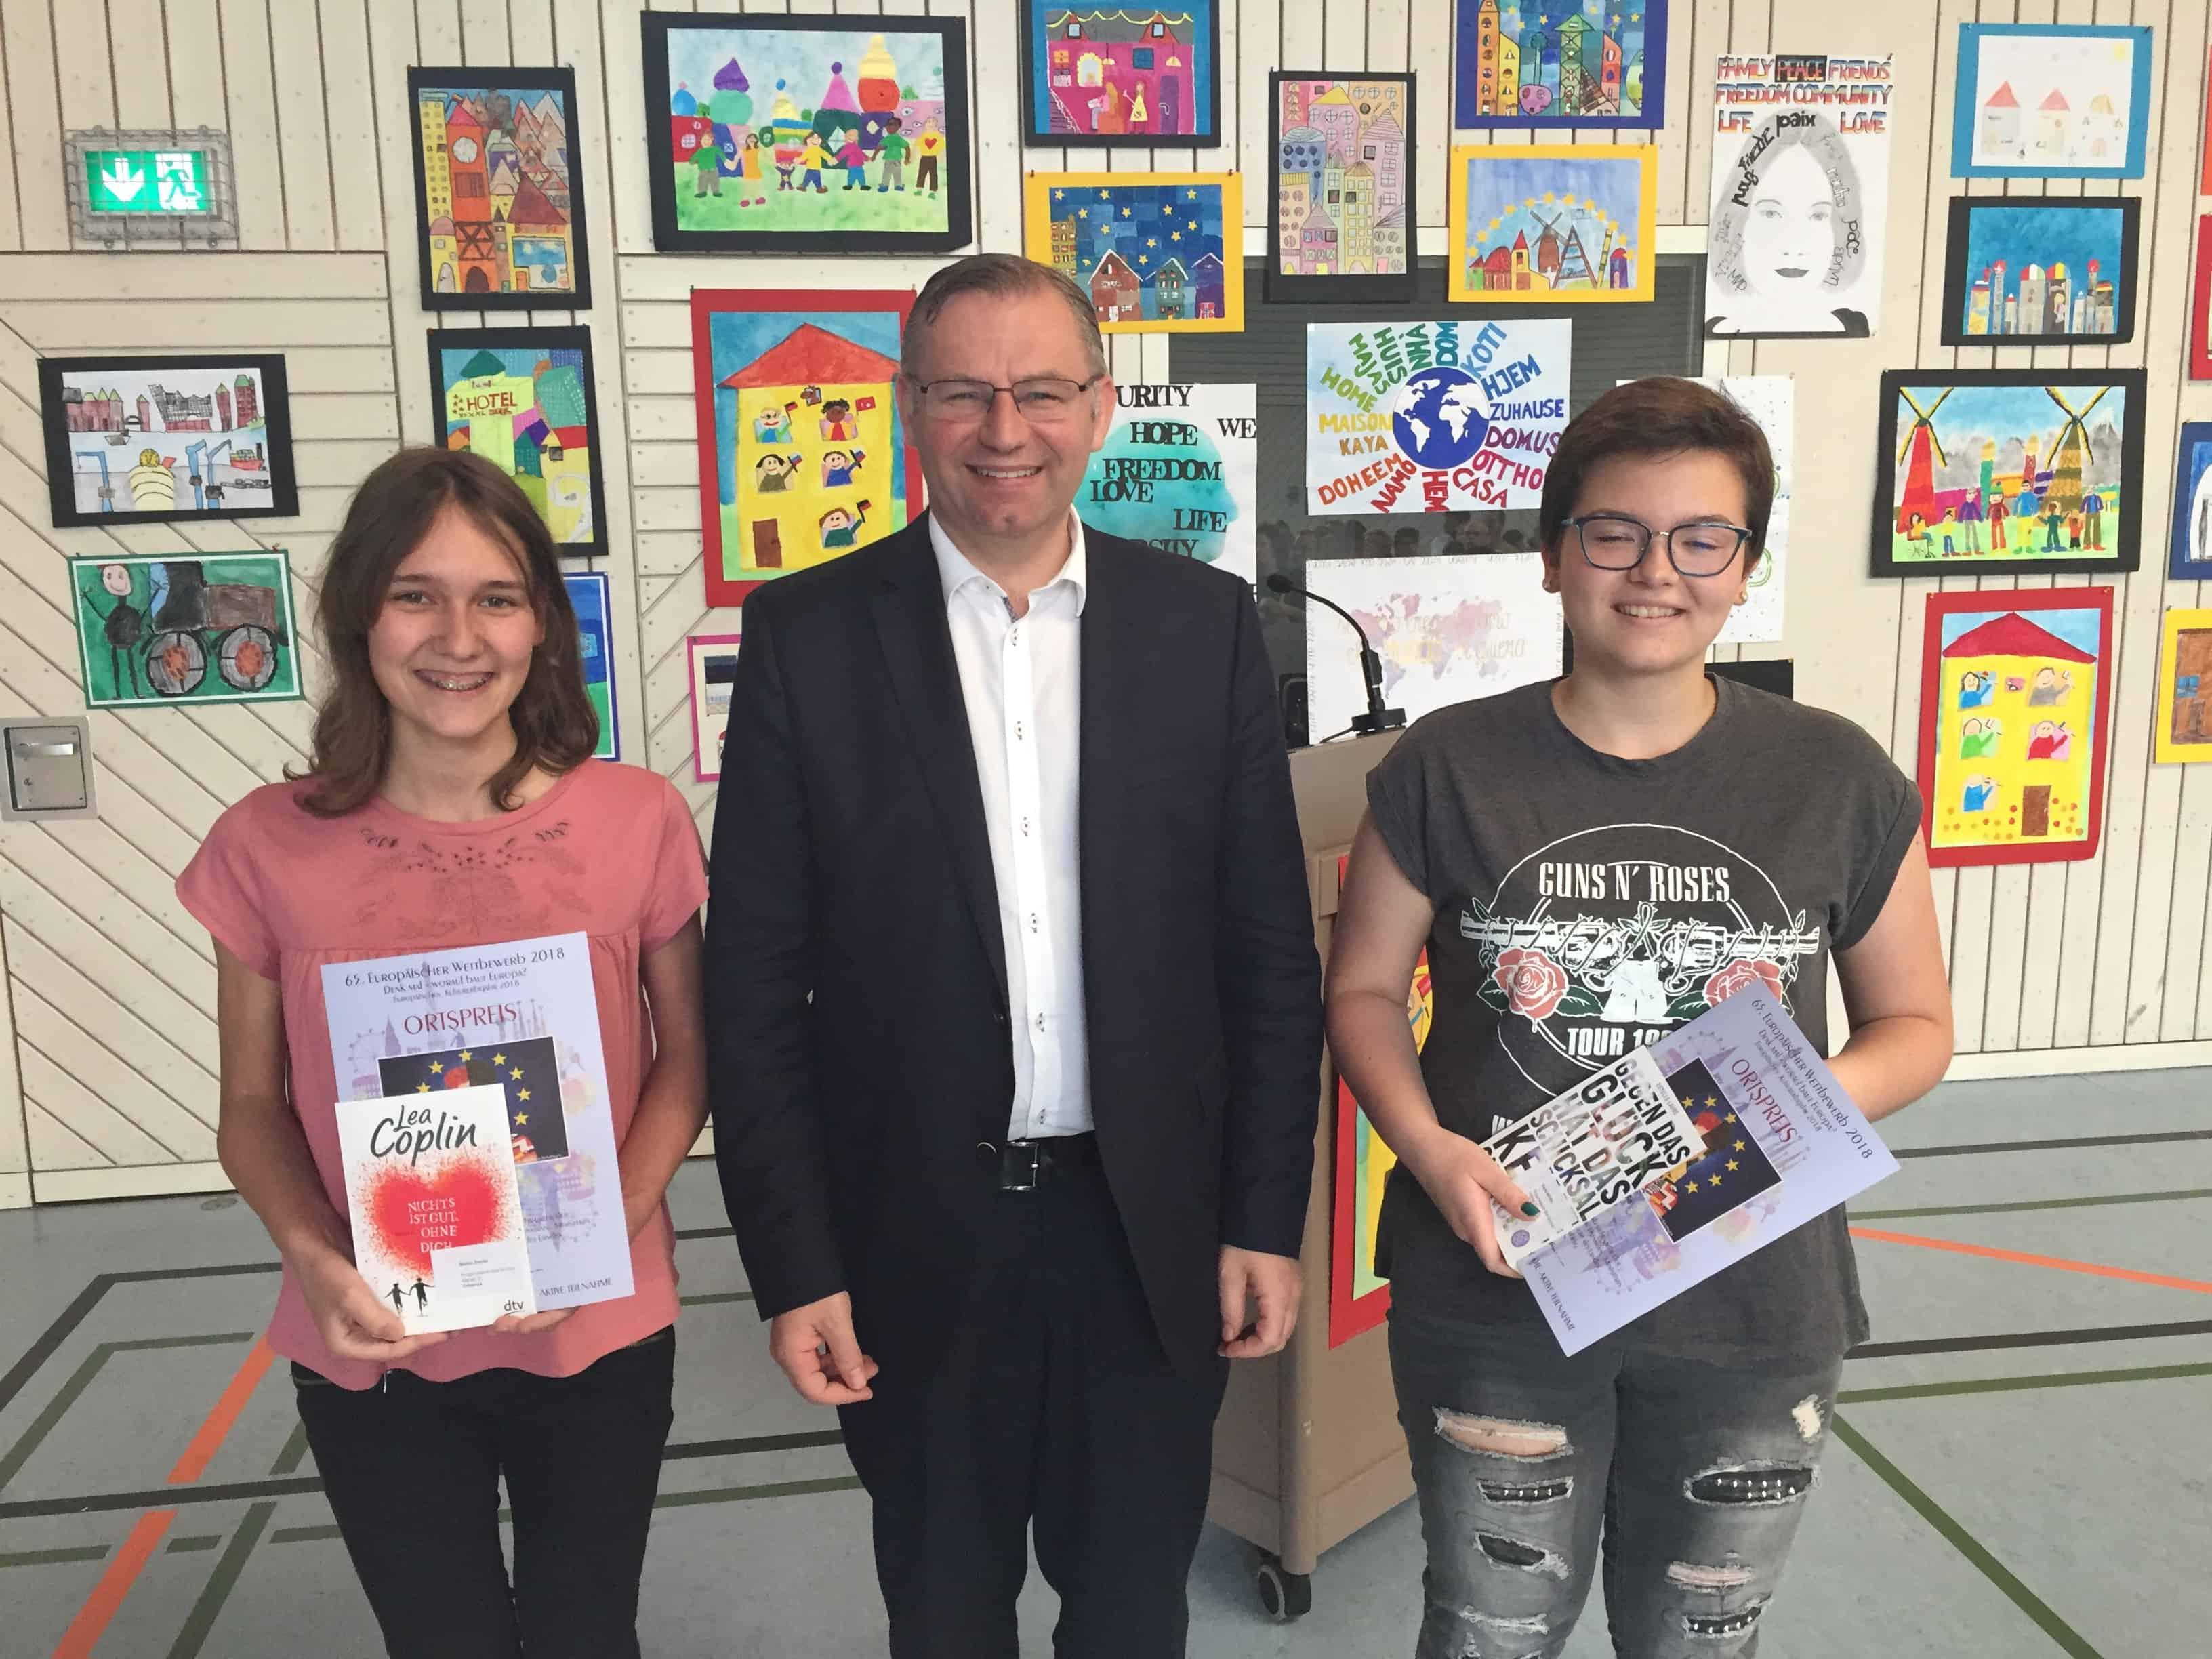 Marisa Sauter und Daria Wölfle gewinnen Ortspreis beim  65. Europäischen Wettbewerb